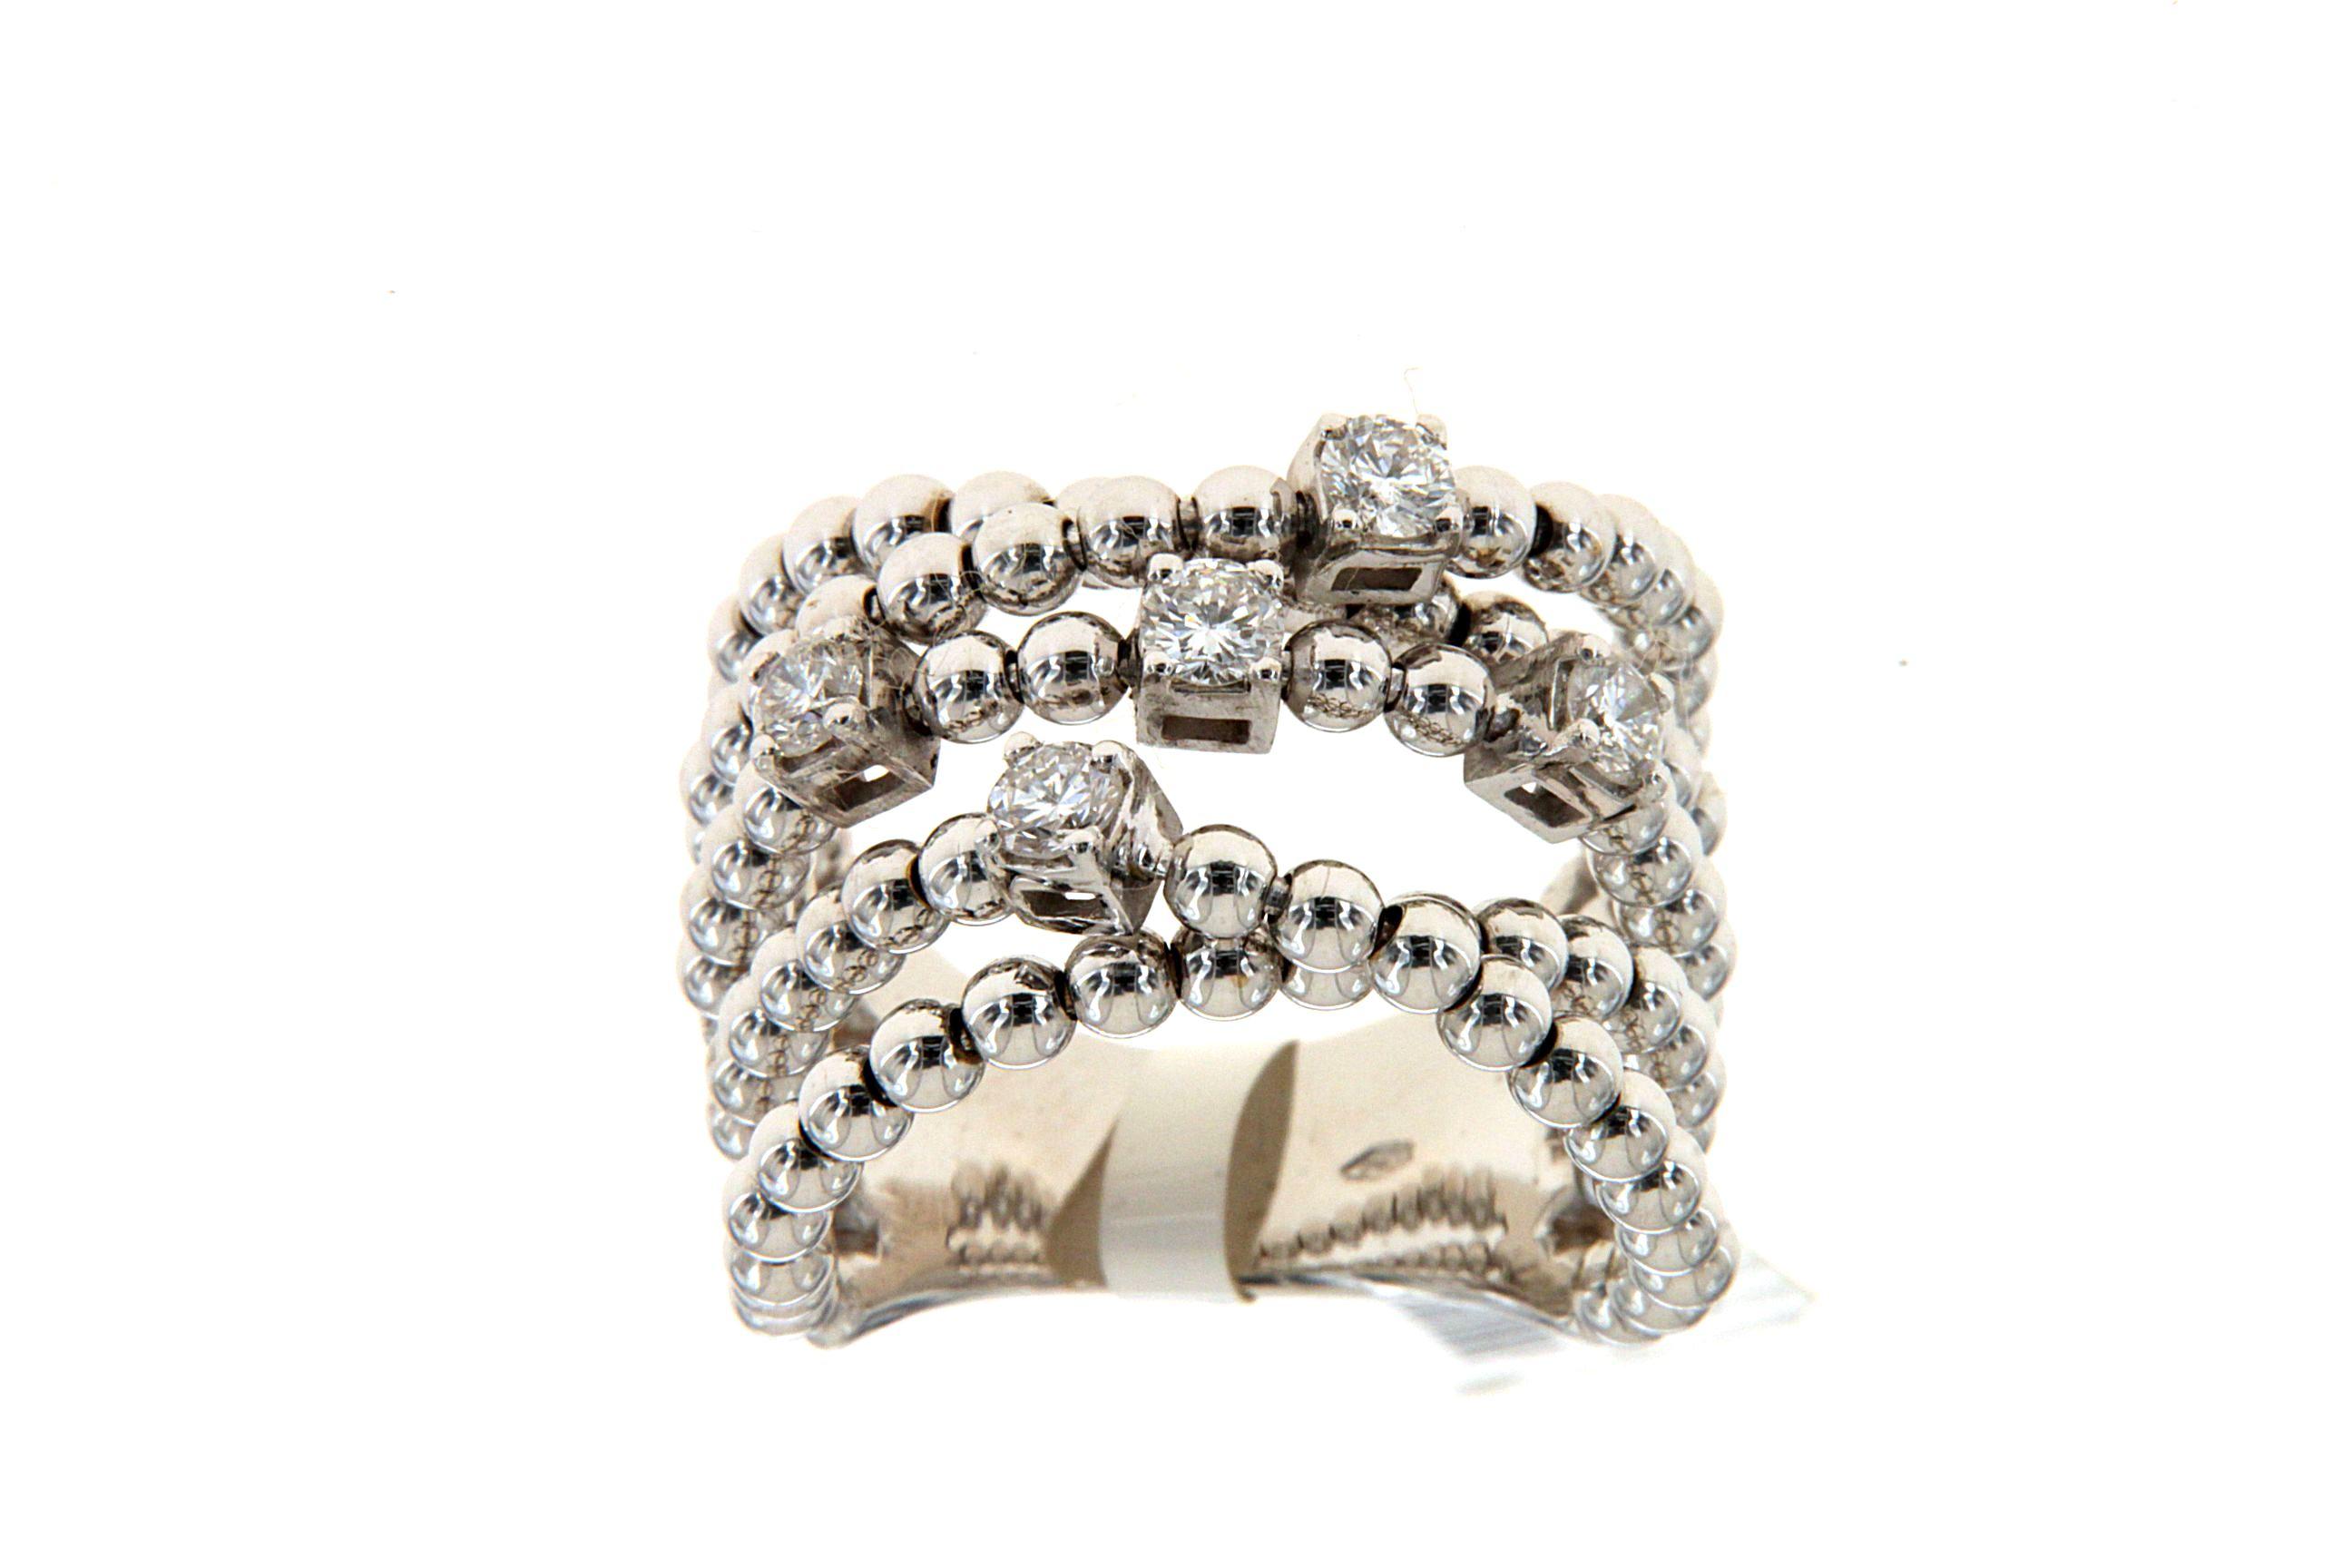 Molto Anelli donna in oro con diamanti e brillanti - - Pagina 6 di 8  EN94